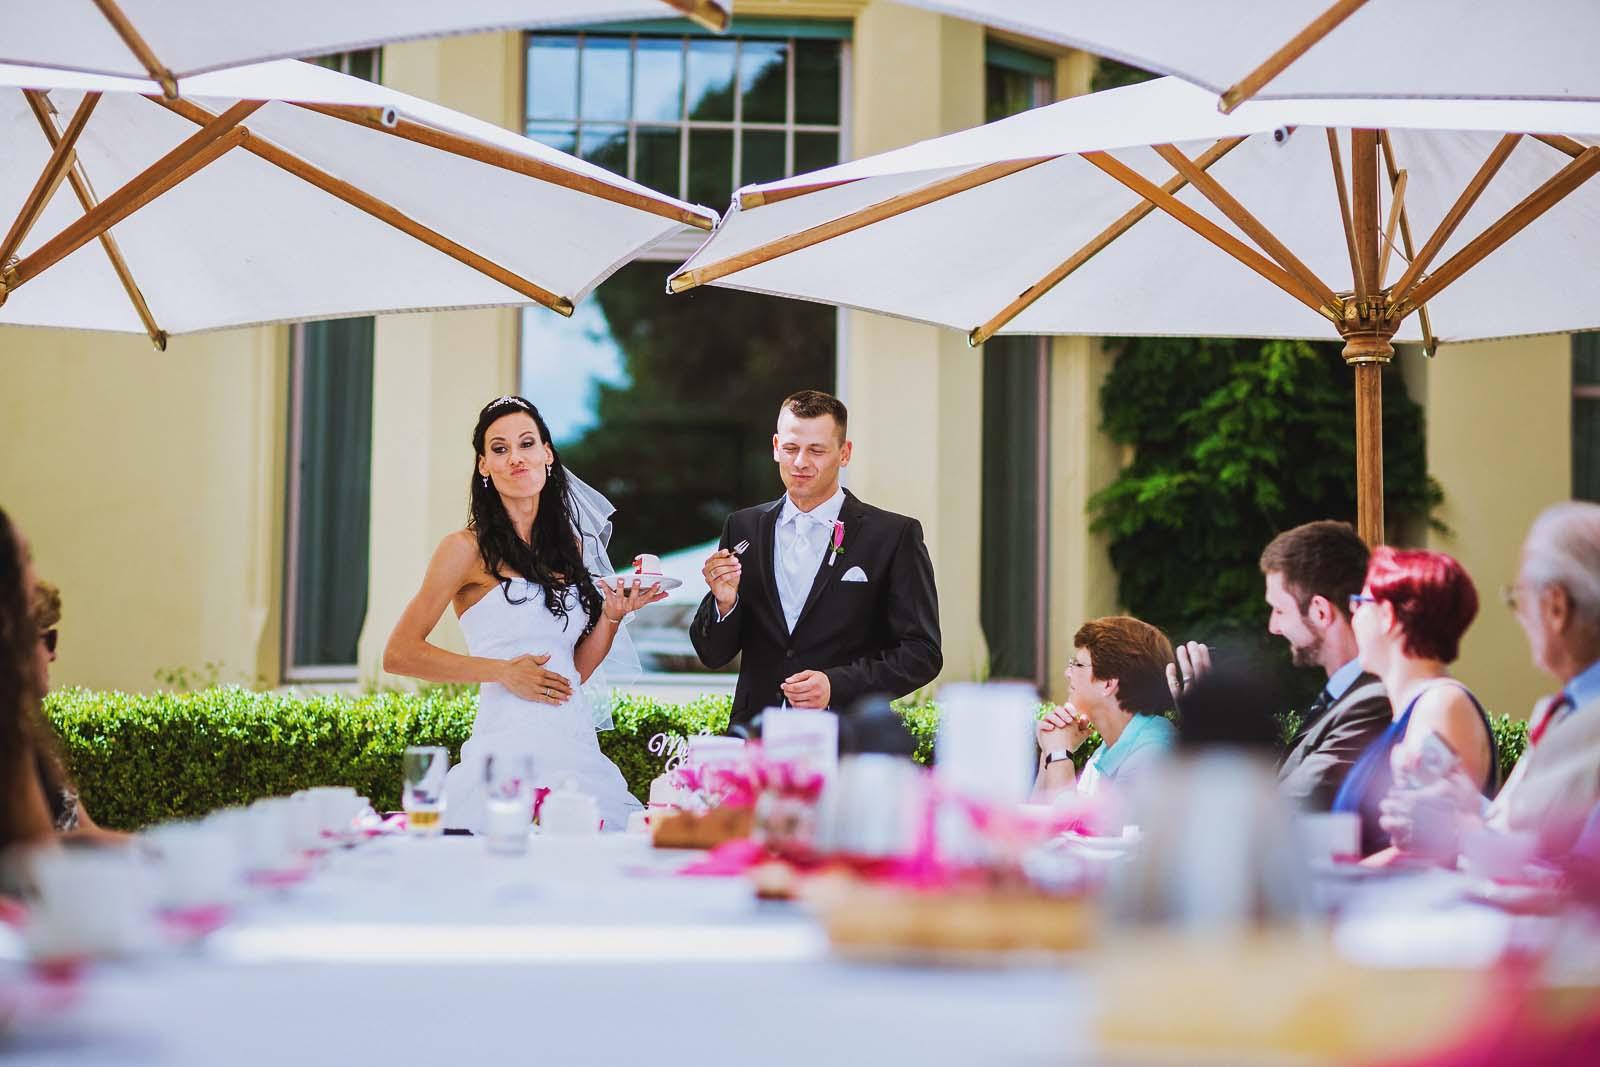 Lustiges Foto der Hochzeitsreportage bei Kaffee und Kuchen Copyright by Hochzeitsfotograf www.berliner-hochzeitsfotografie.de